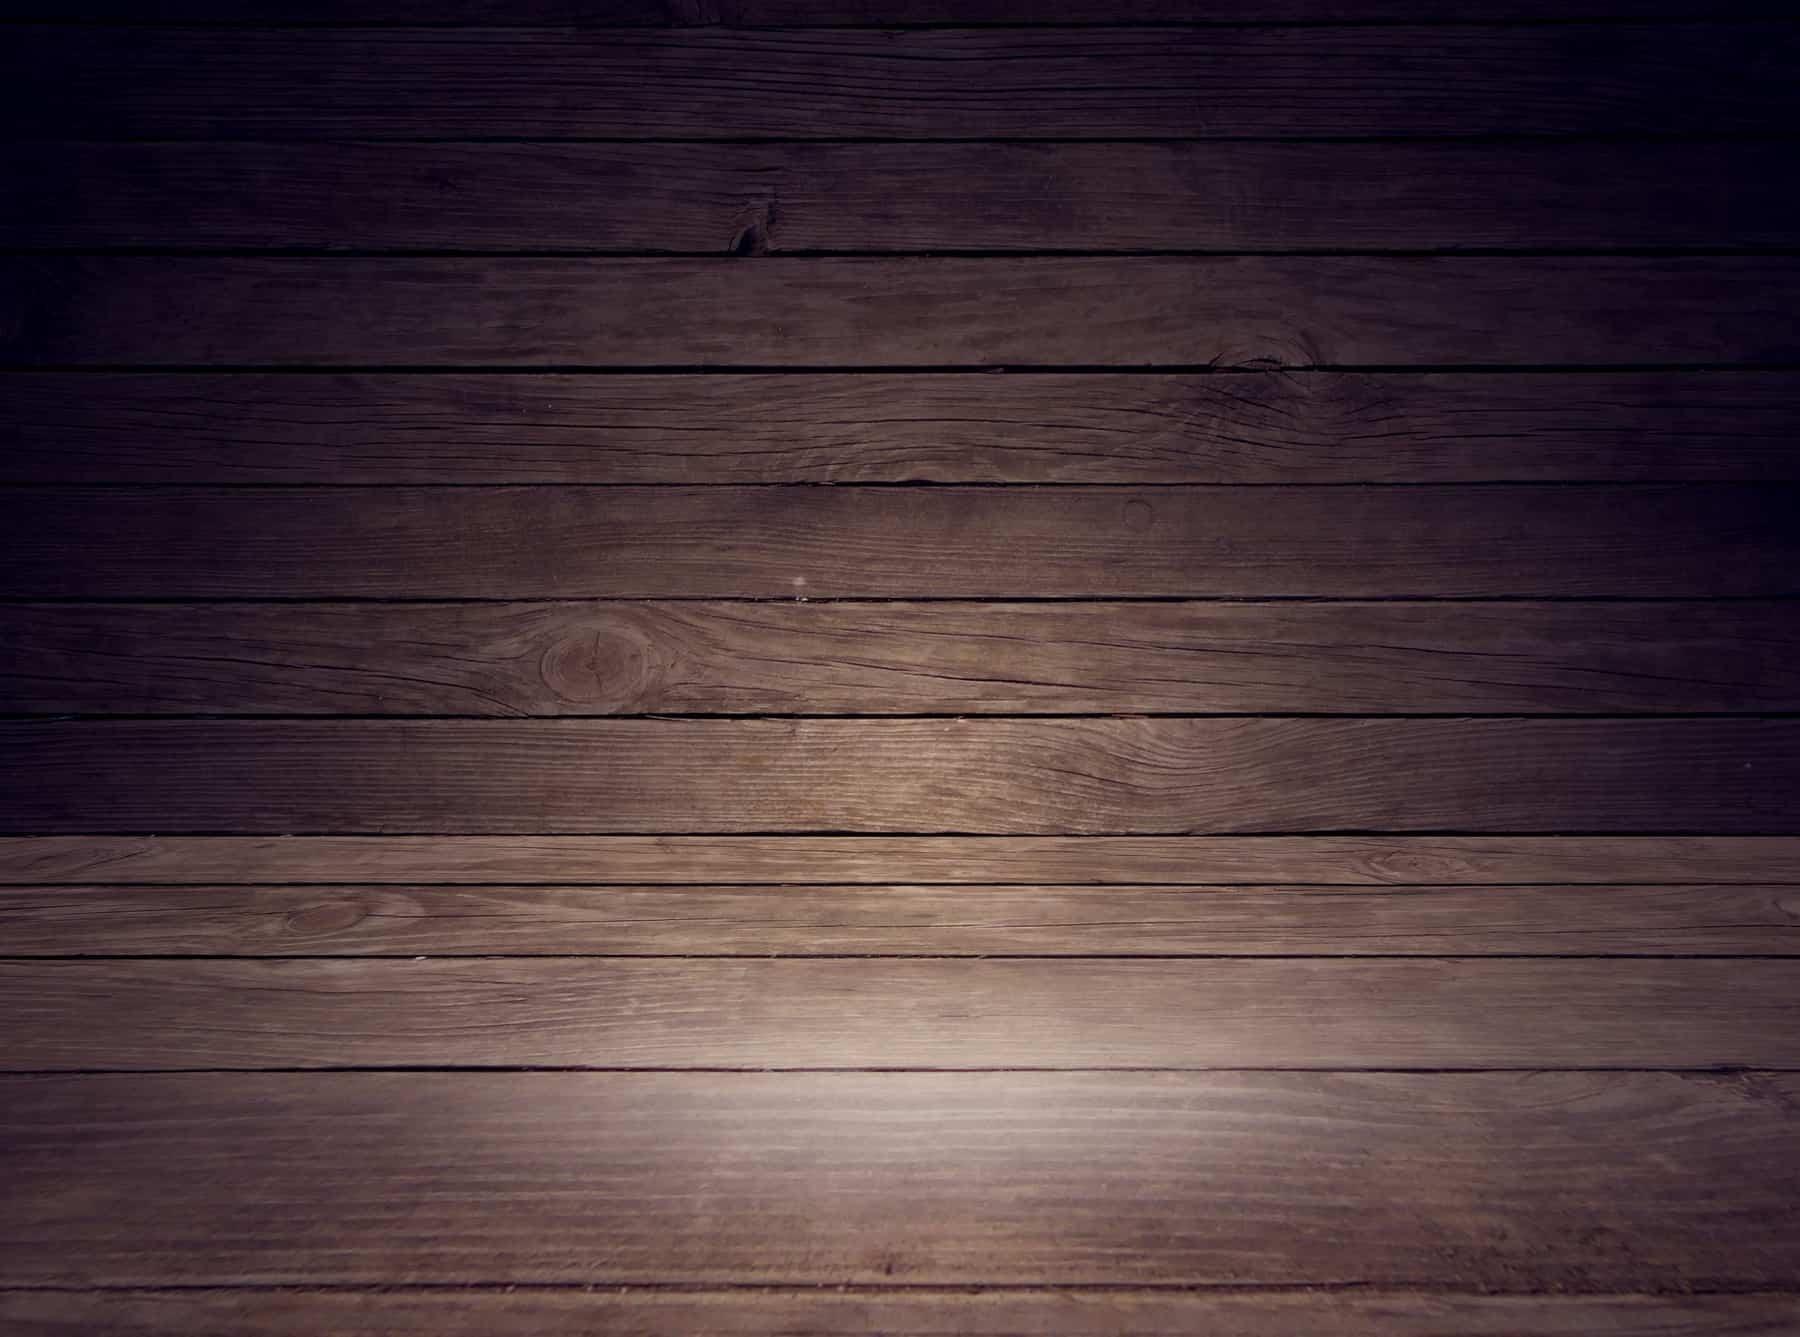 wood-floor-1170743